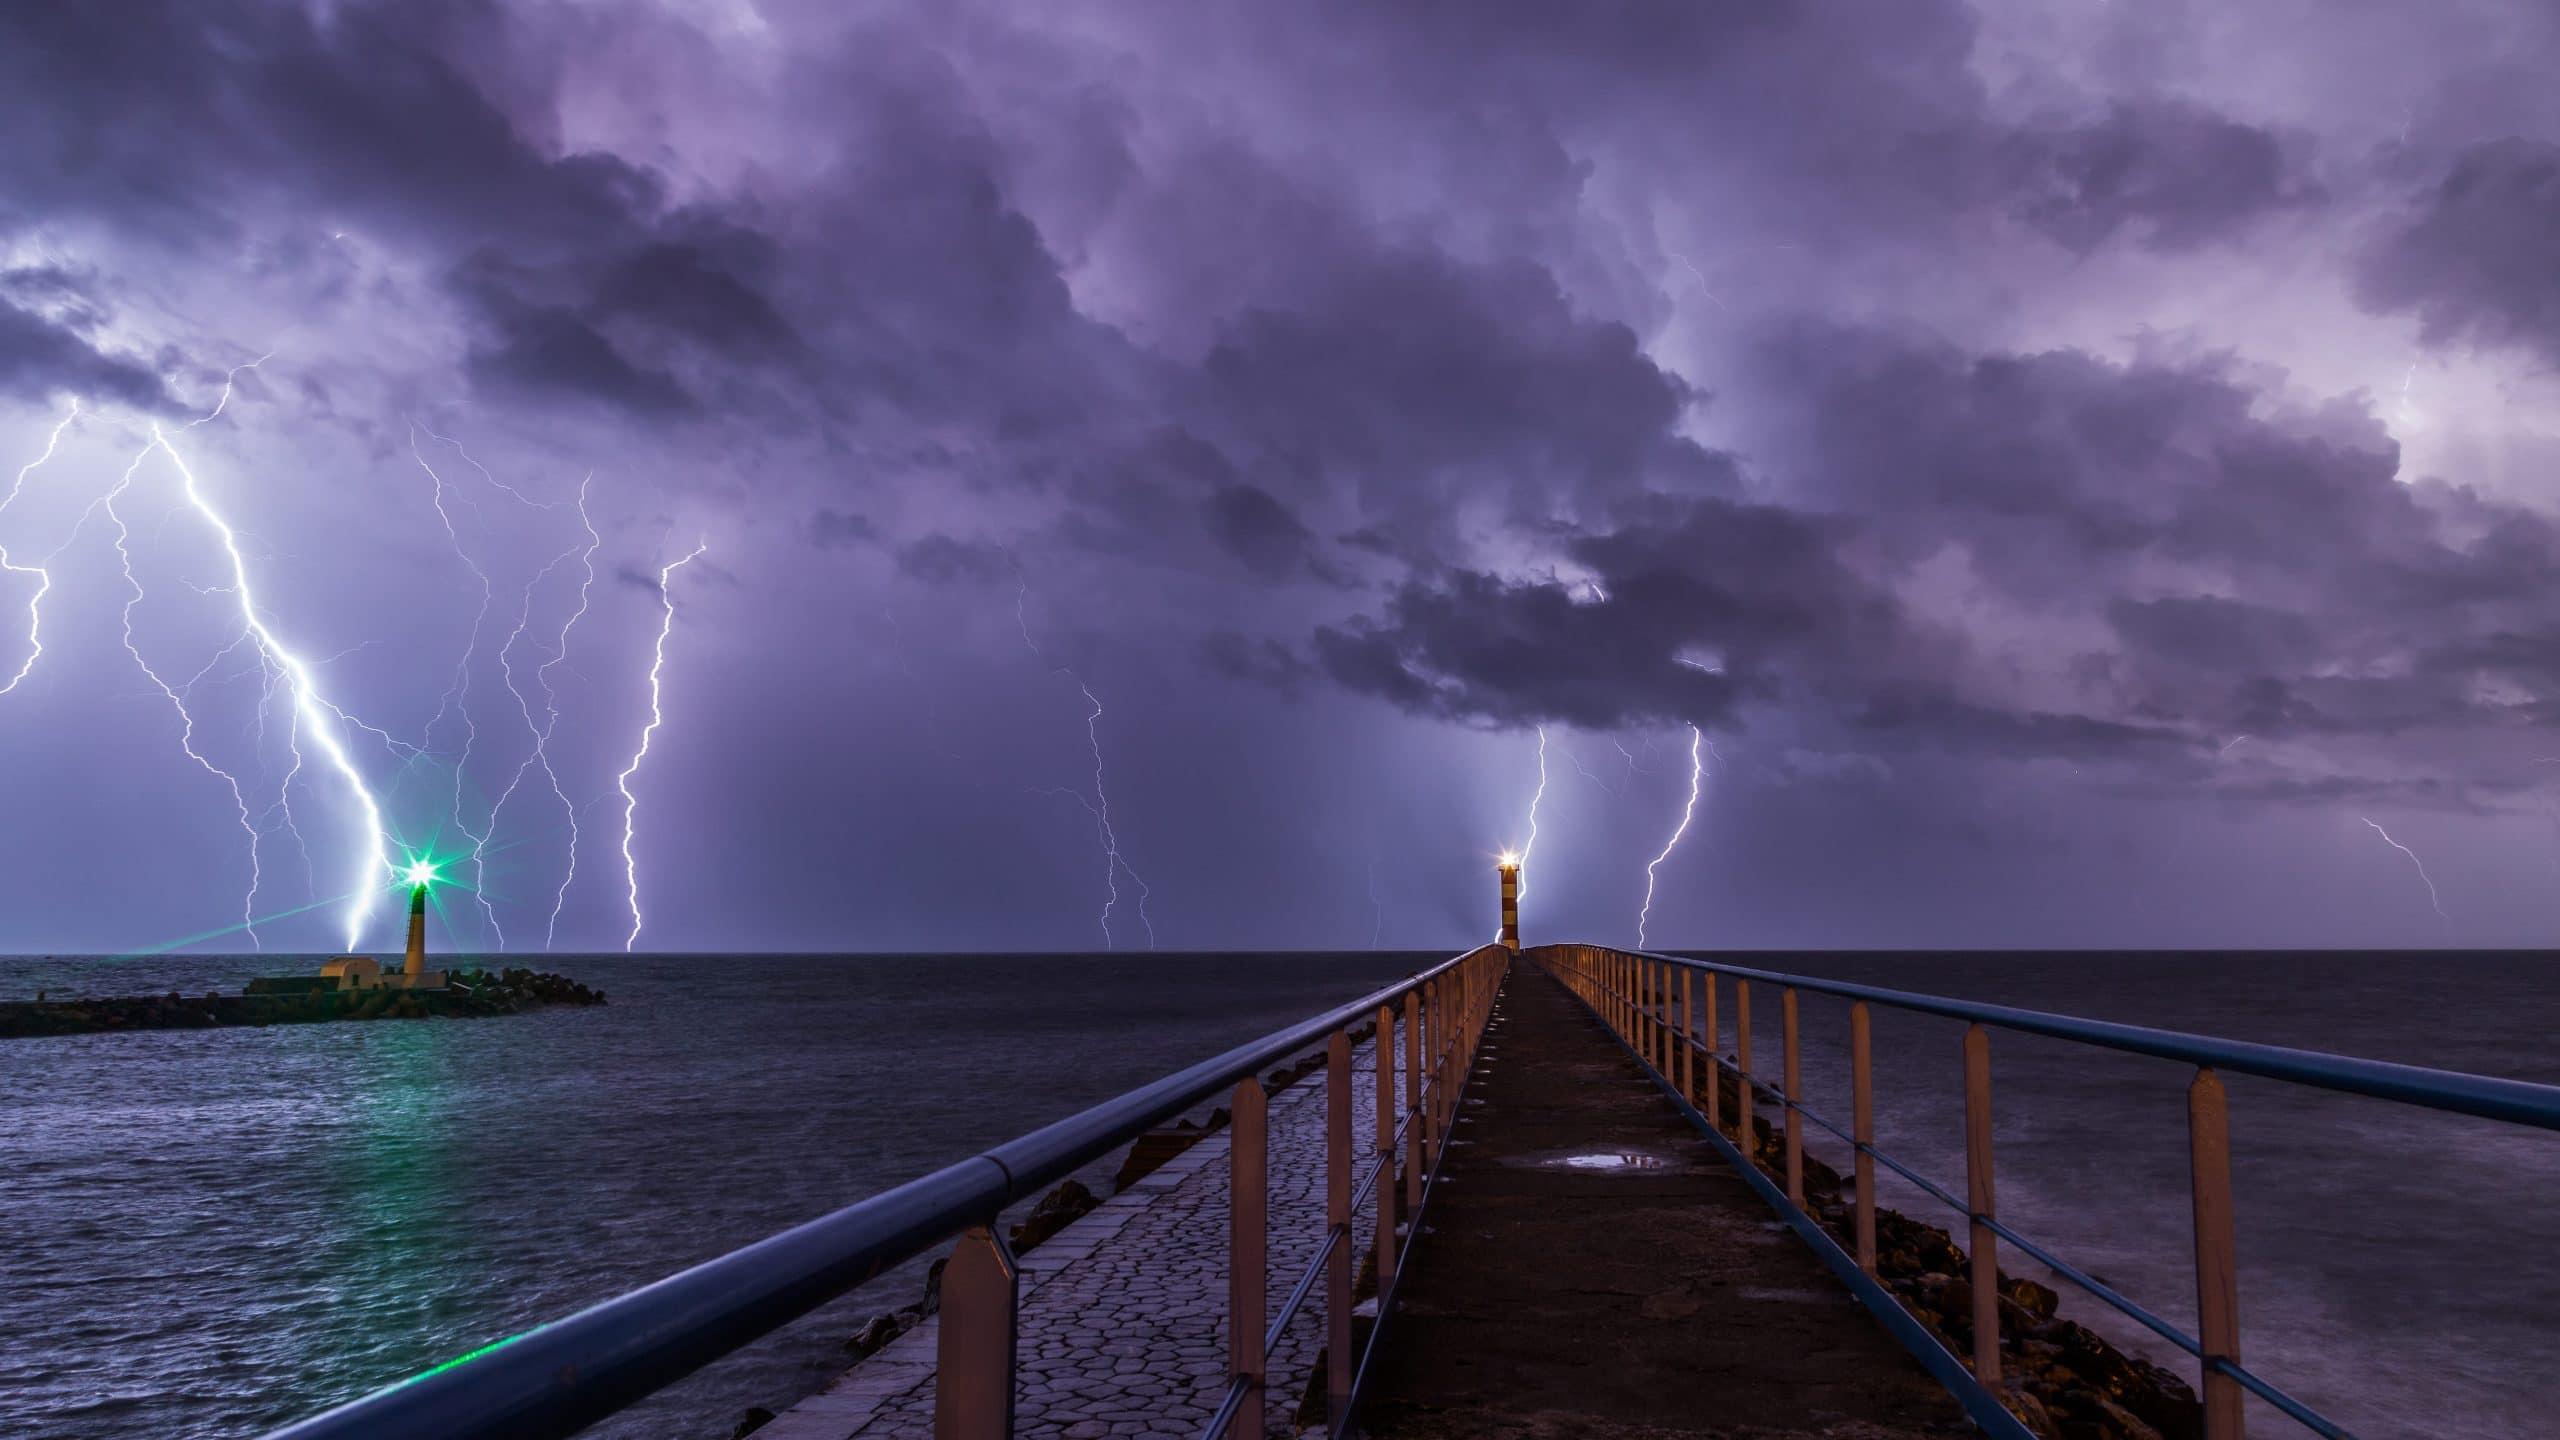 Impresionante tormenta en un puerto